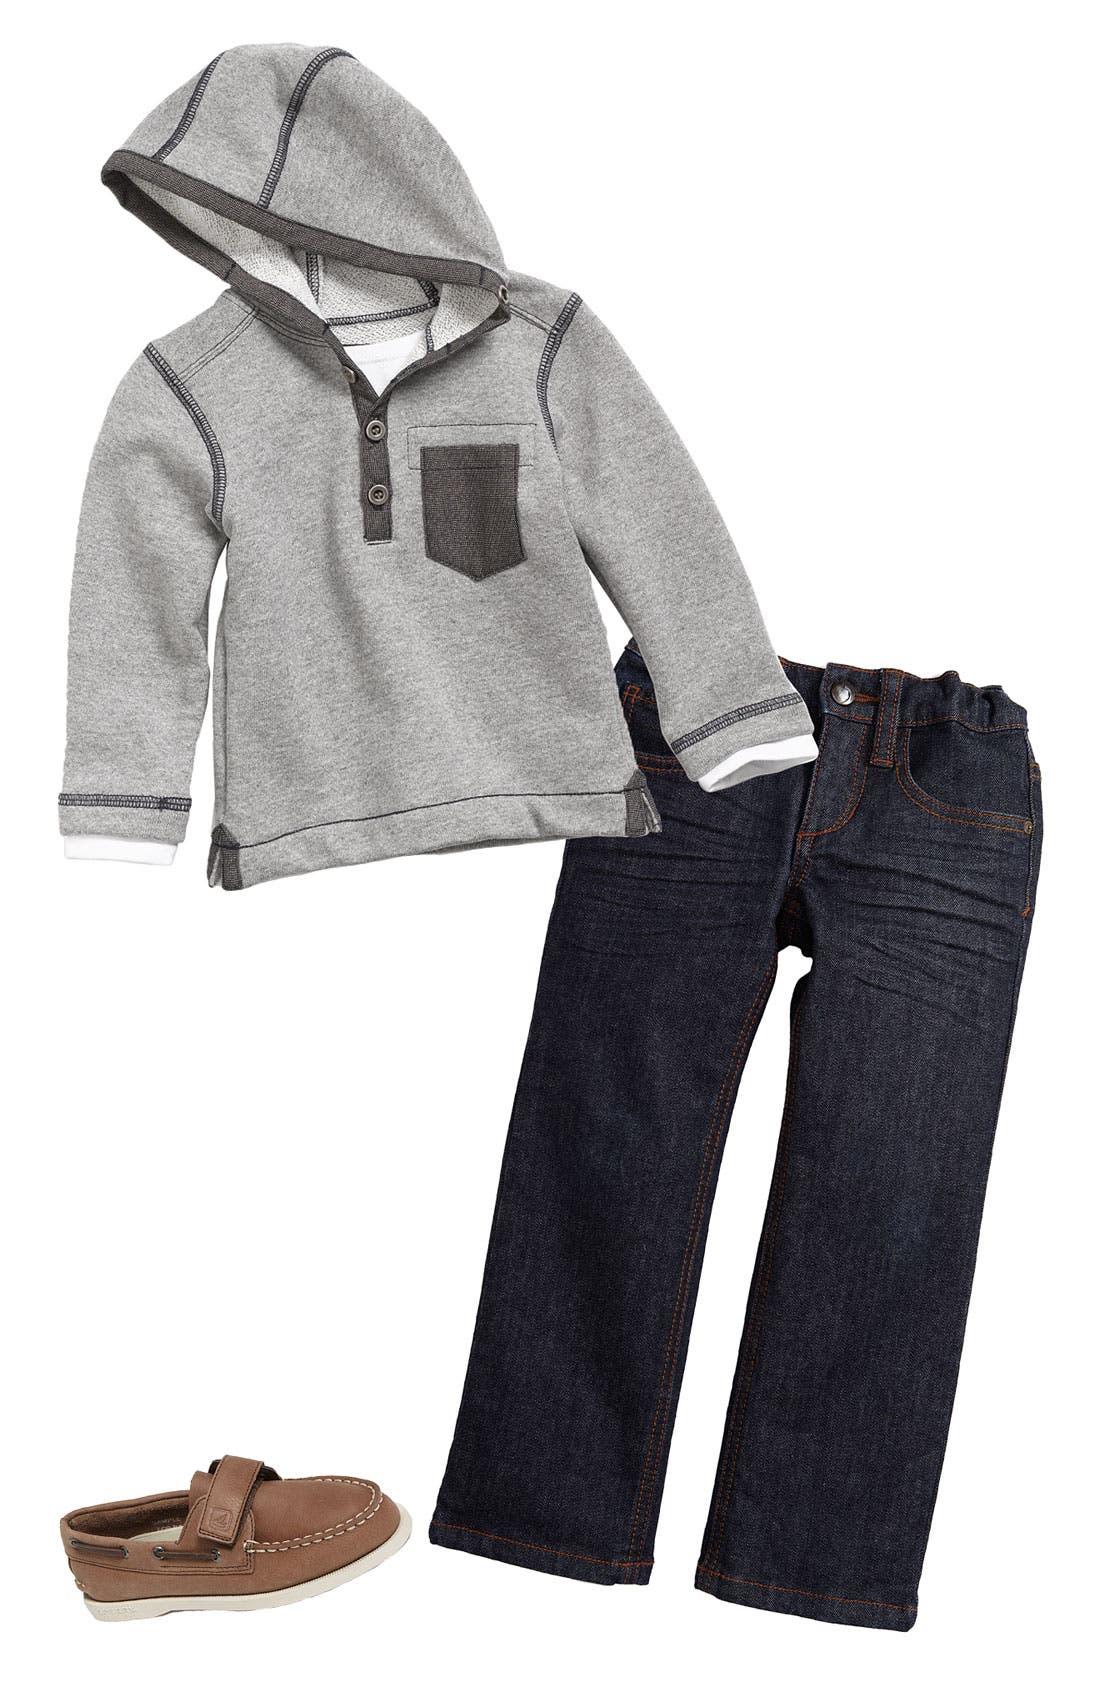 Alternate Image 1 Selected - Sovereign Code Hoodie & Joe's Skinny Jeans (Toddler)